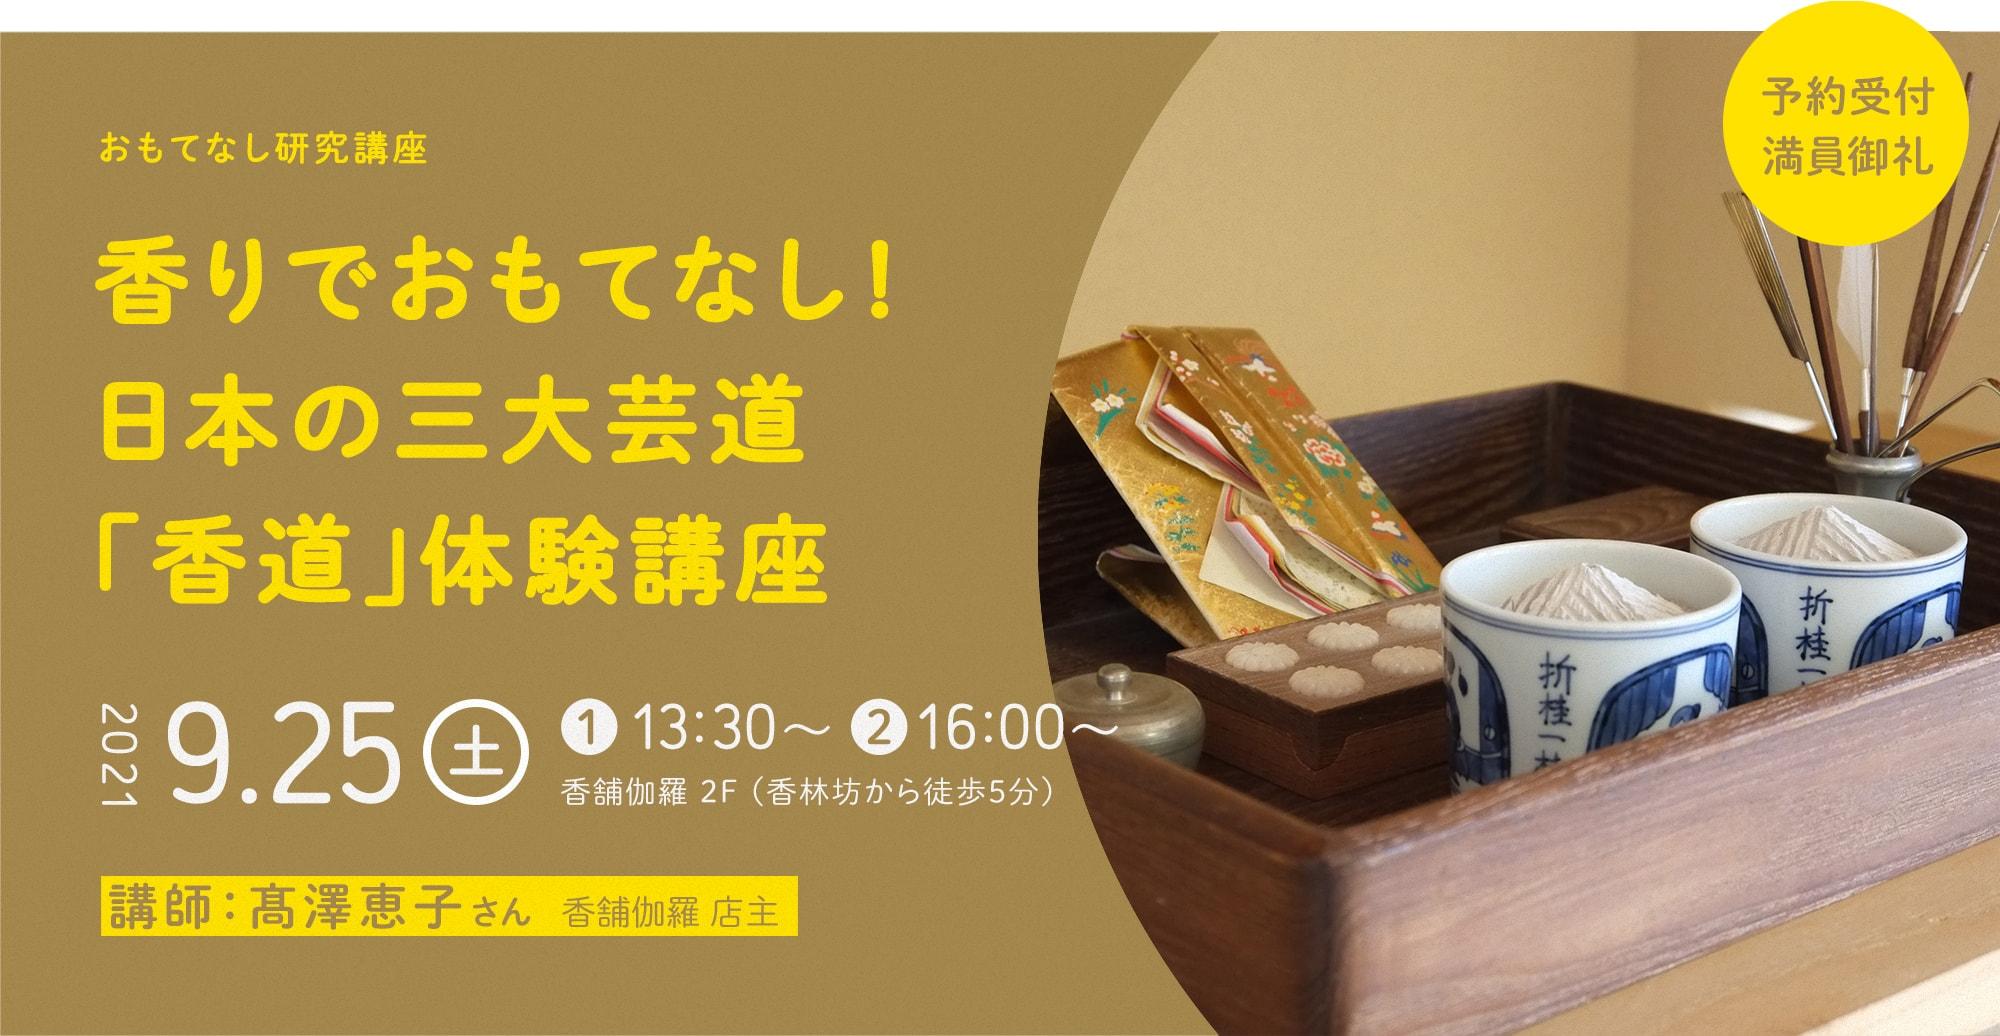 香りでおもてなし!日本の三大芸道「香道」体験講座 9月25日(土)開催